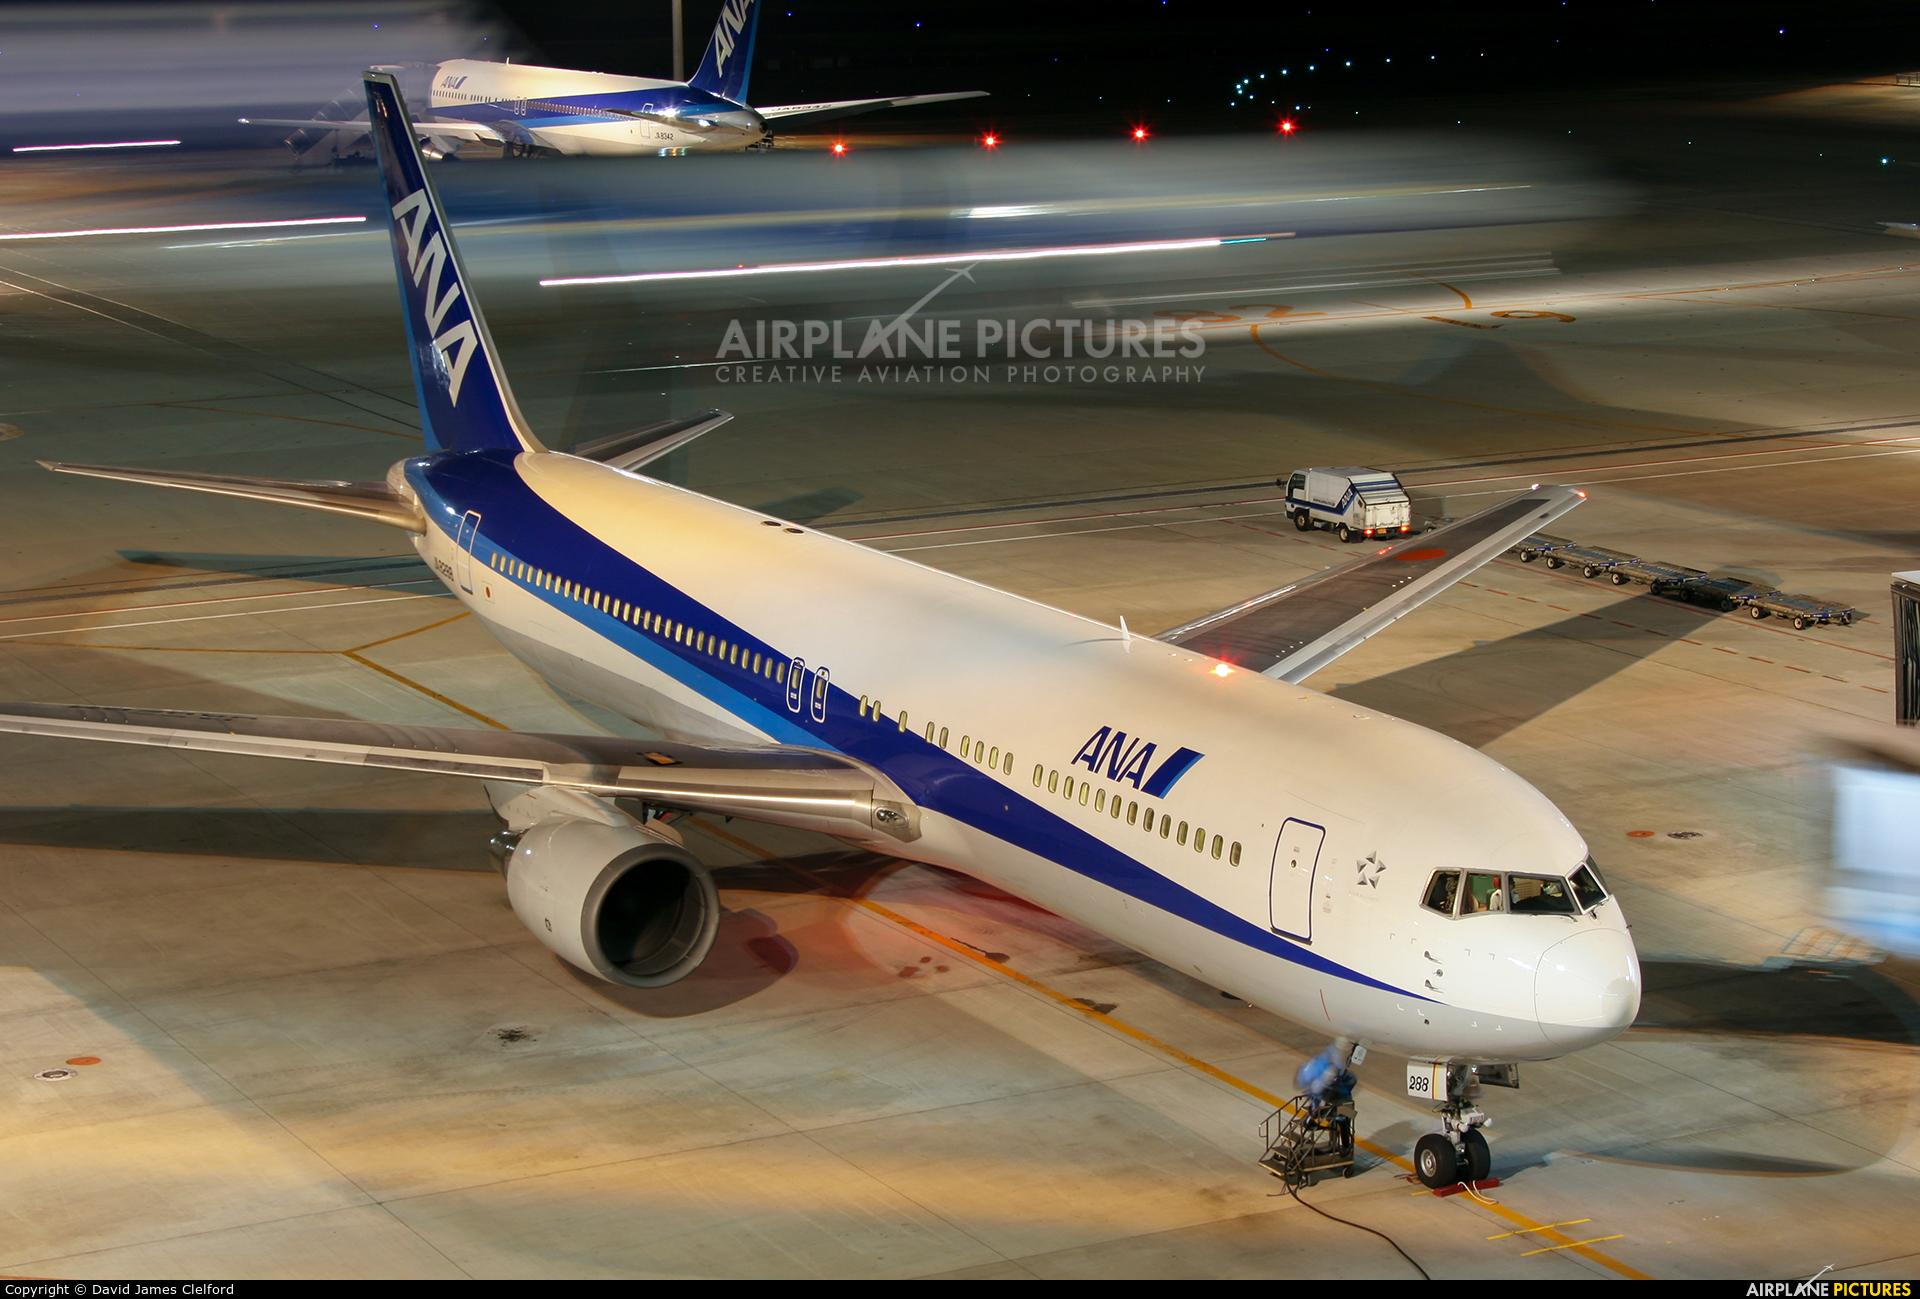 ANA - All Nippon Airways JA8288 aircraft at Tokyo - Haneda Intl